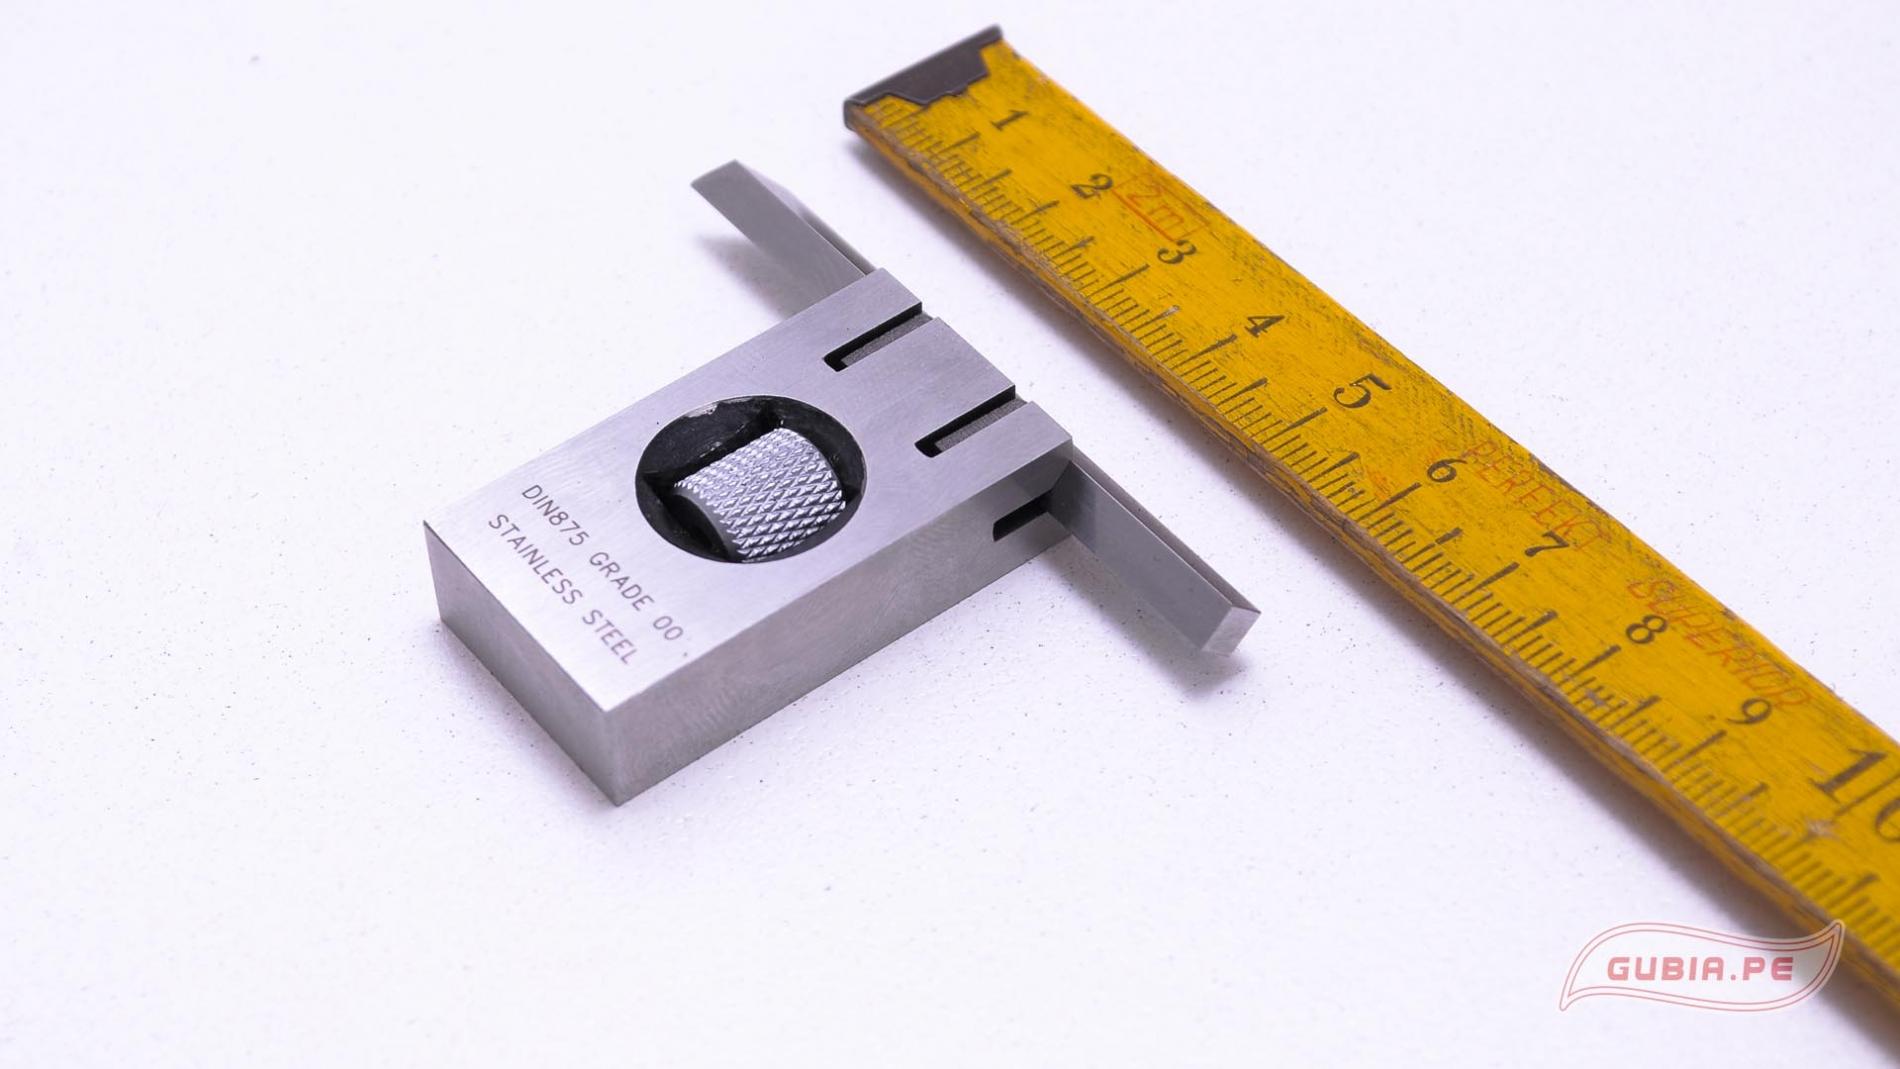 4701-01-Escuadrita ajustable y precisa medir angulo recto uniones caja 6x38 mm INSIZE 4701-01-max-2.